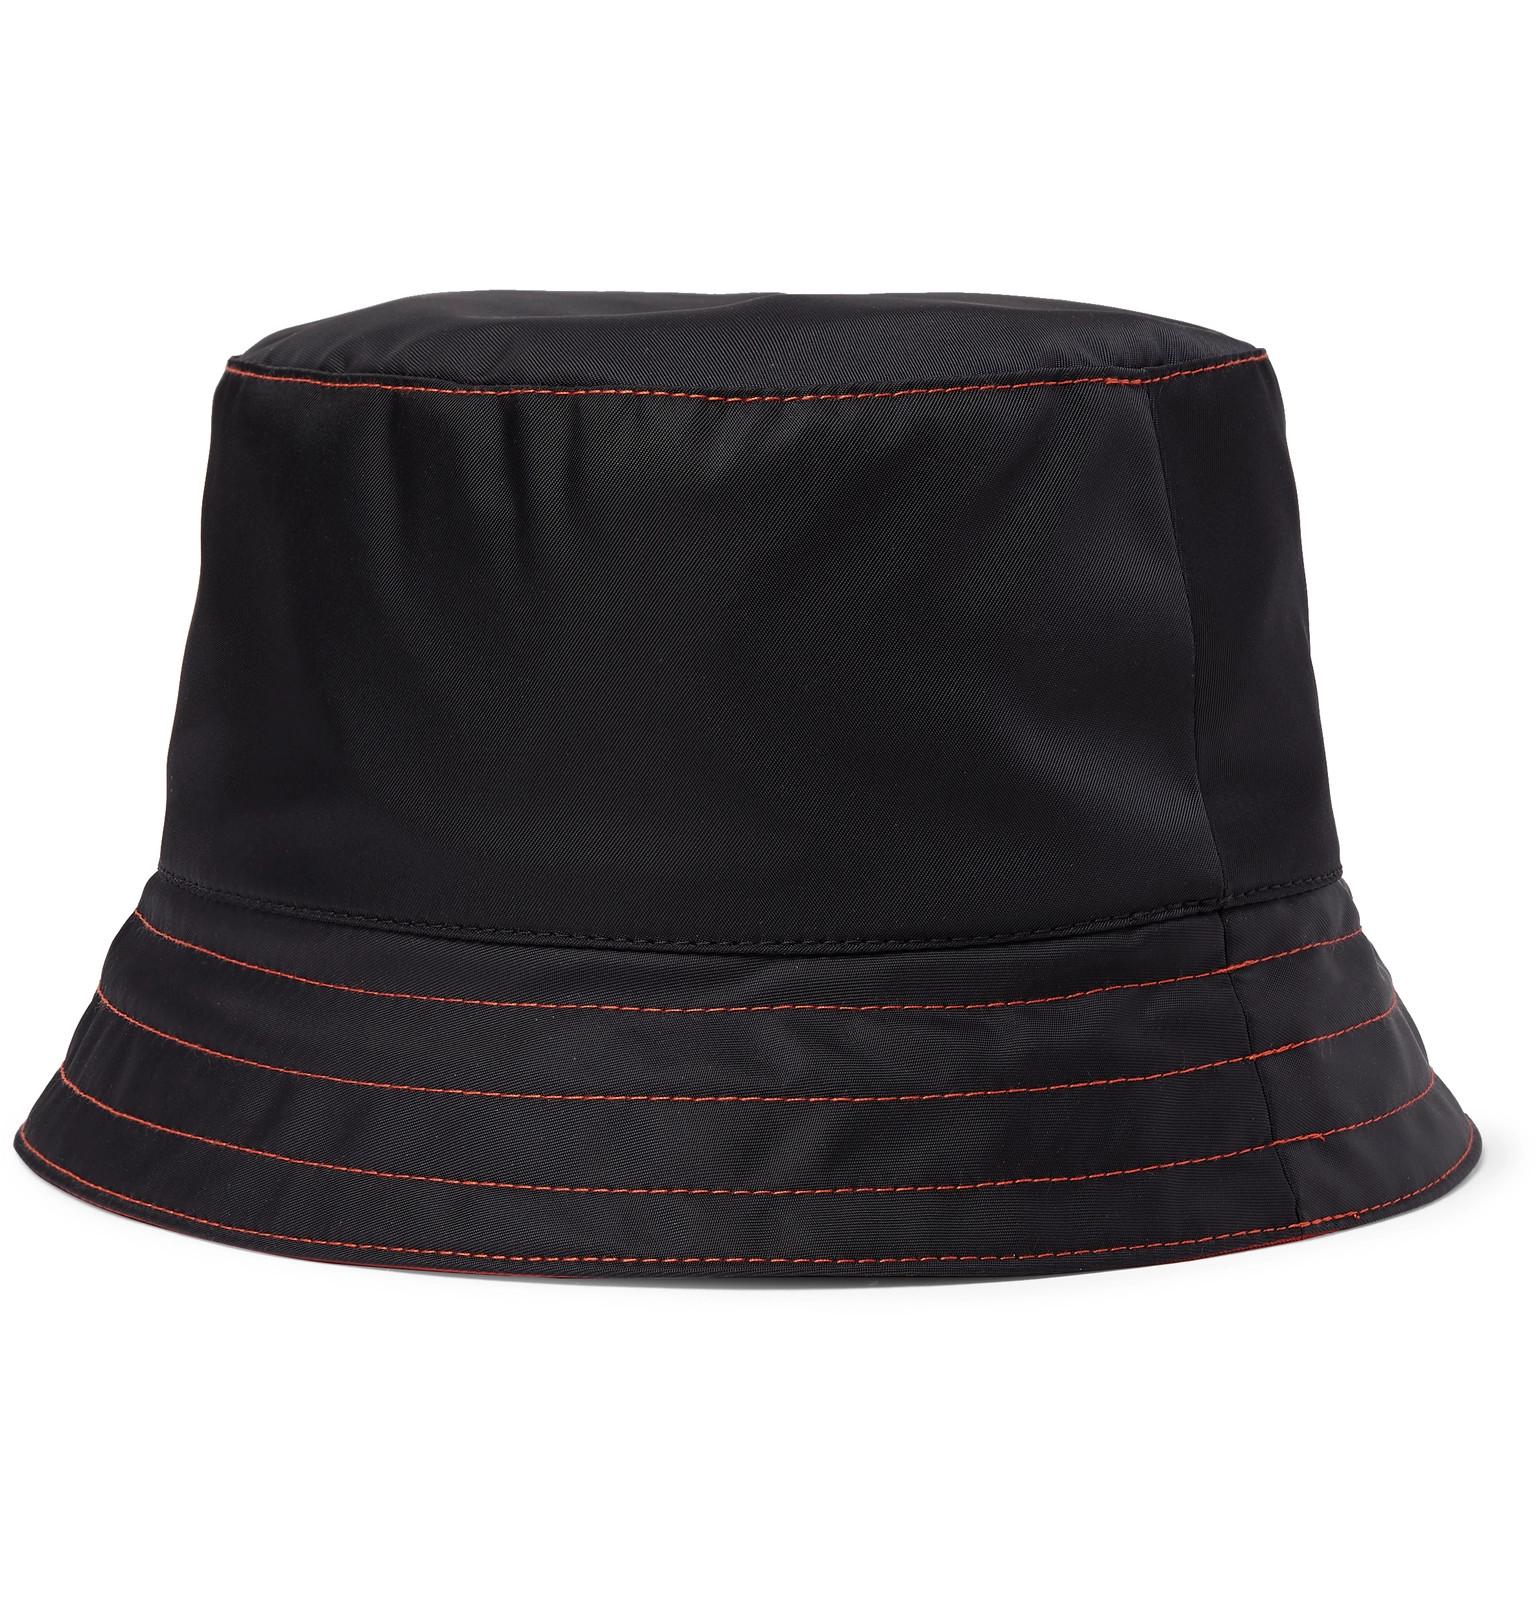 e5354c5934506 Prada - Logo-Appliquéd Nylon Bucket Hat